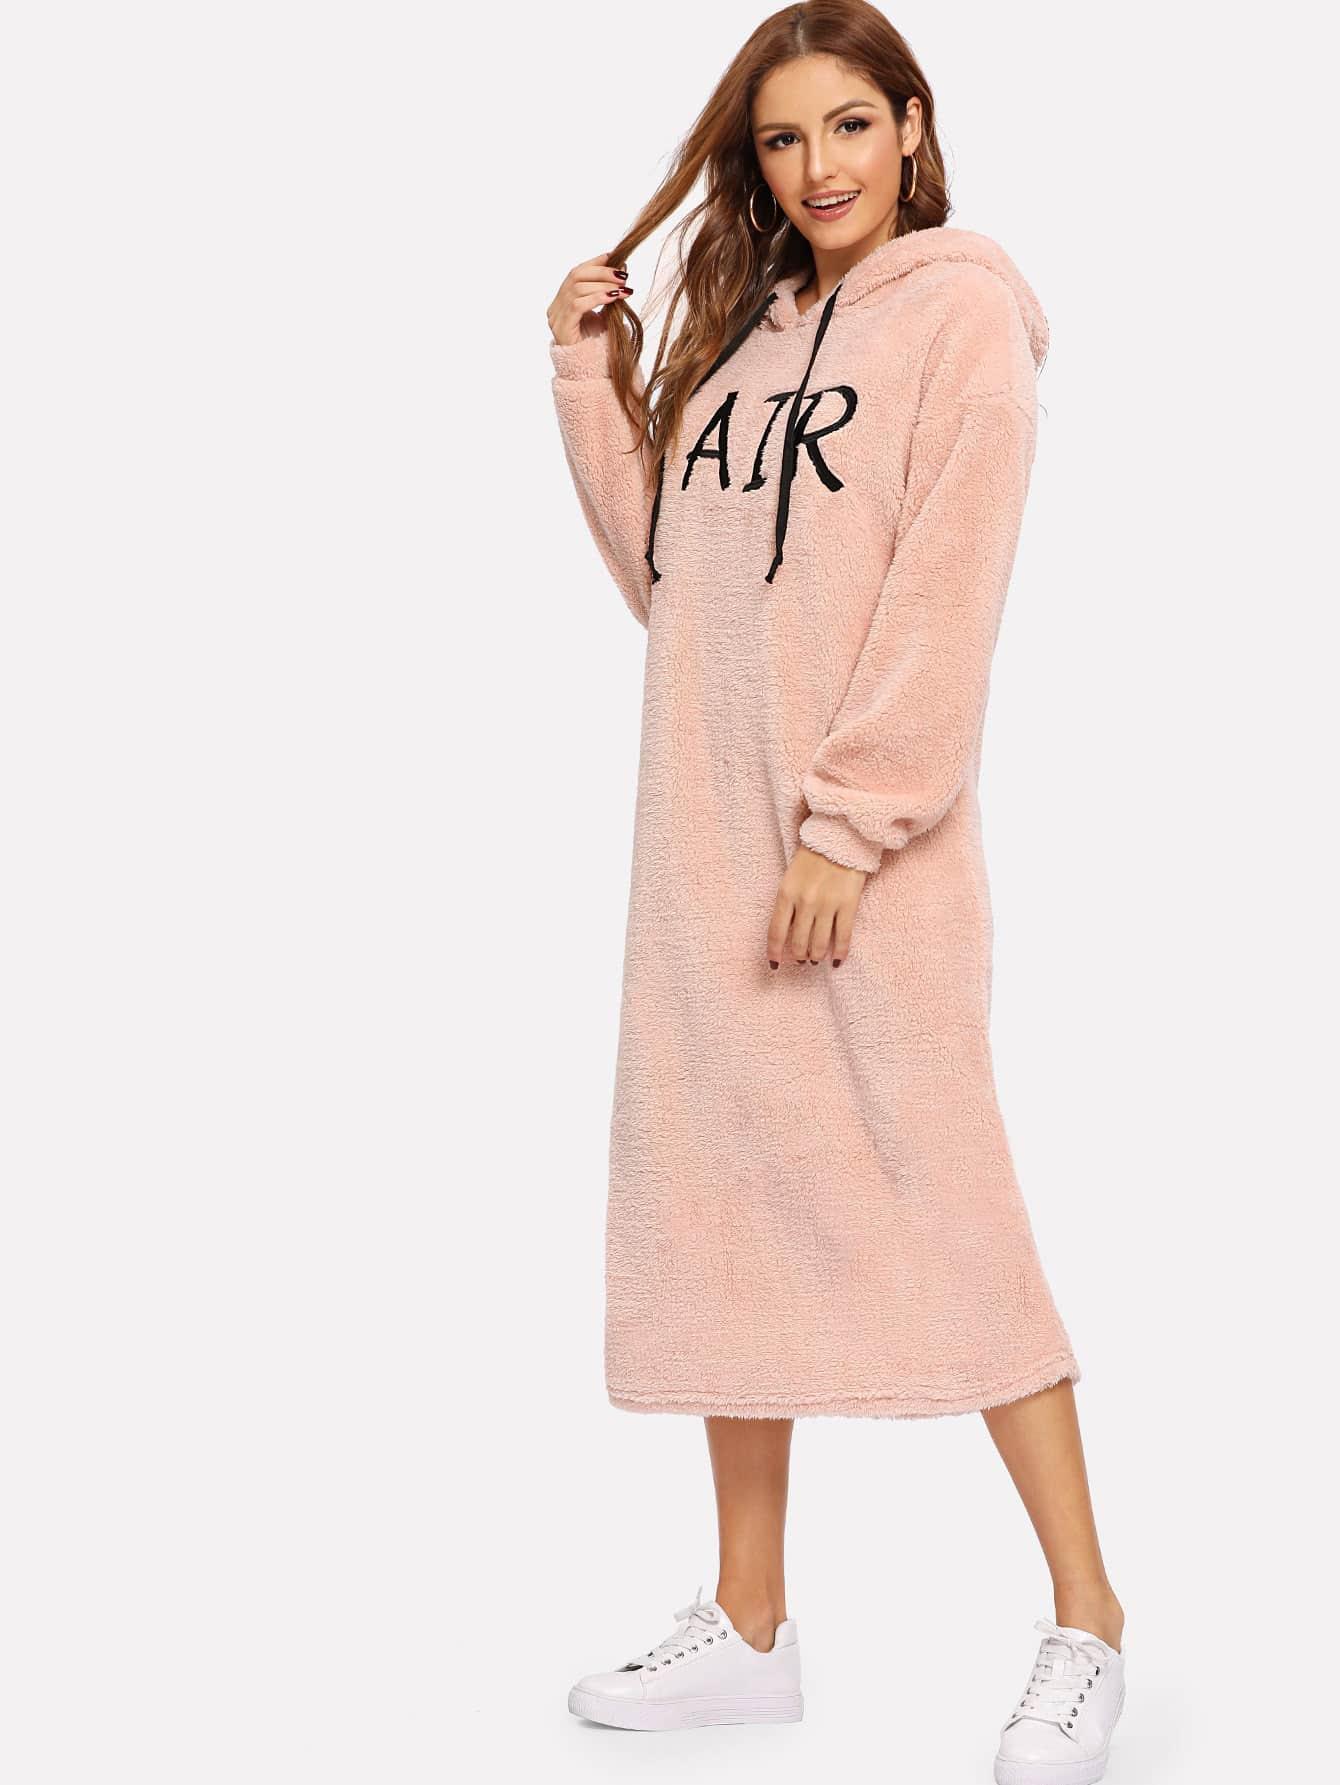 Купить Плюшевое платье с капюшоном с текстовой вышивкой, Lisa A, SheIn